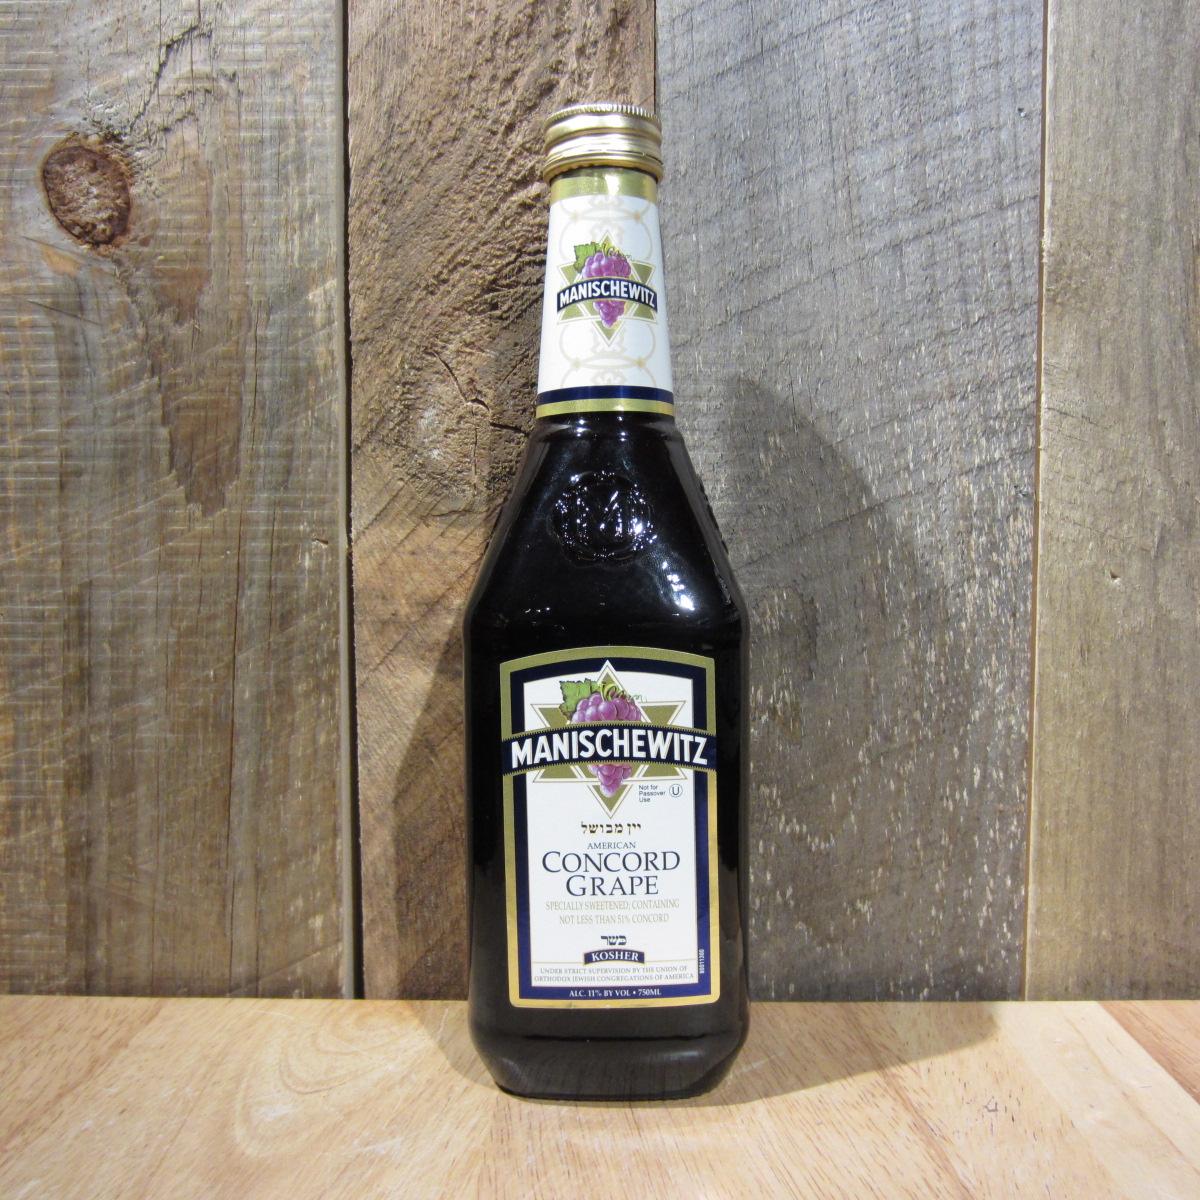 Manischewitz Concord Grape 750ml